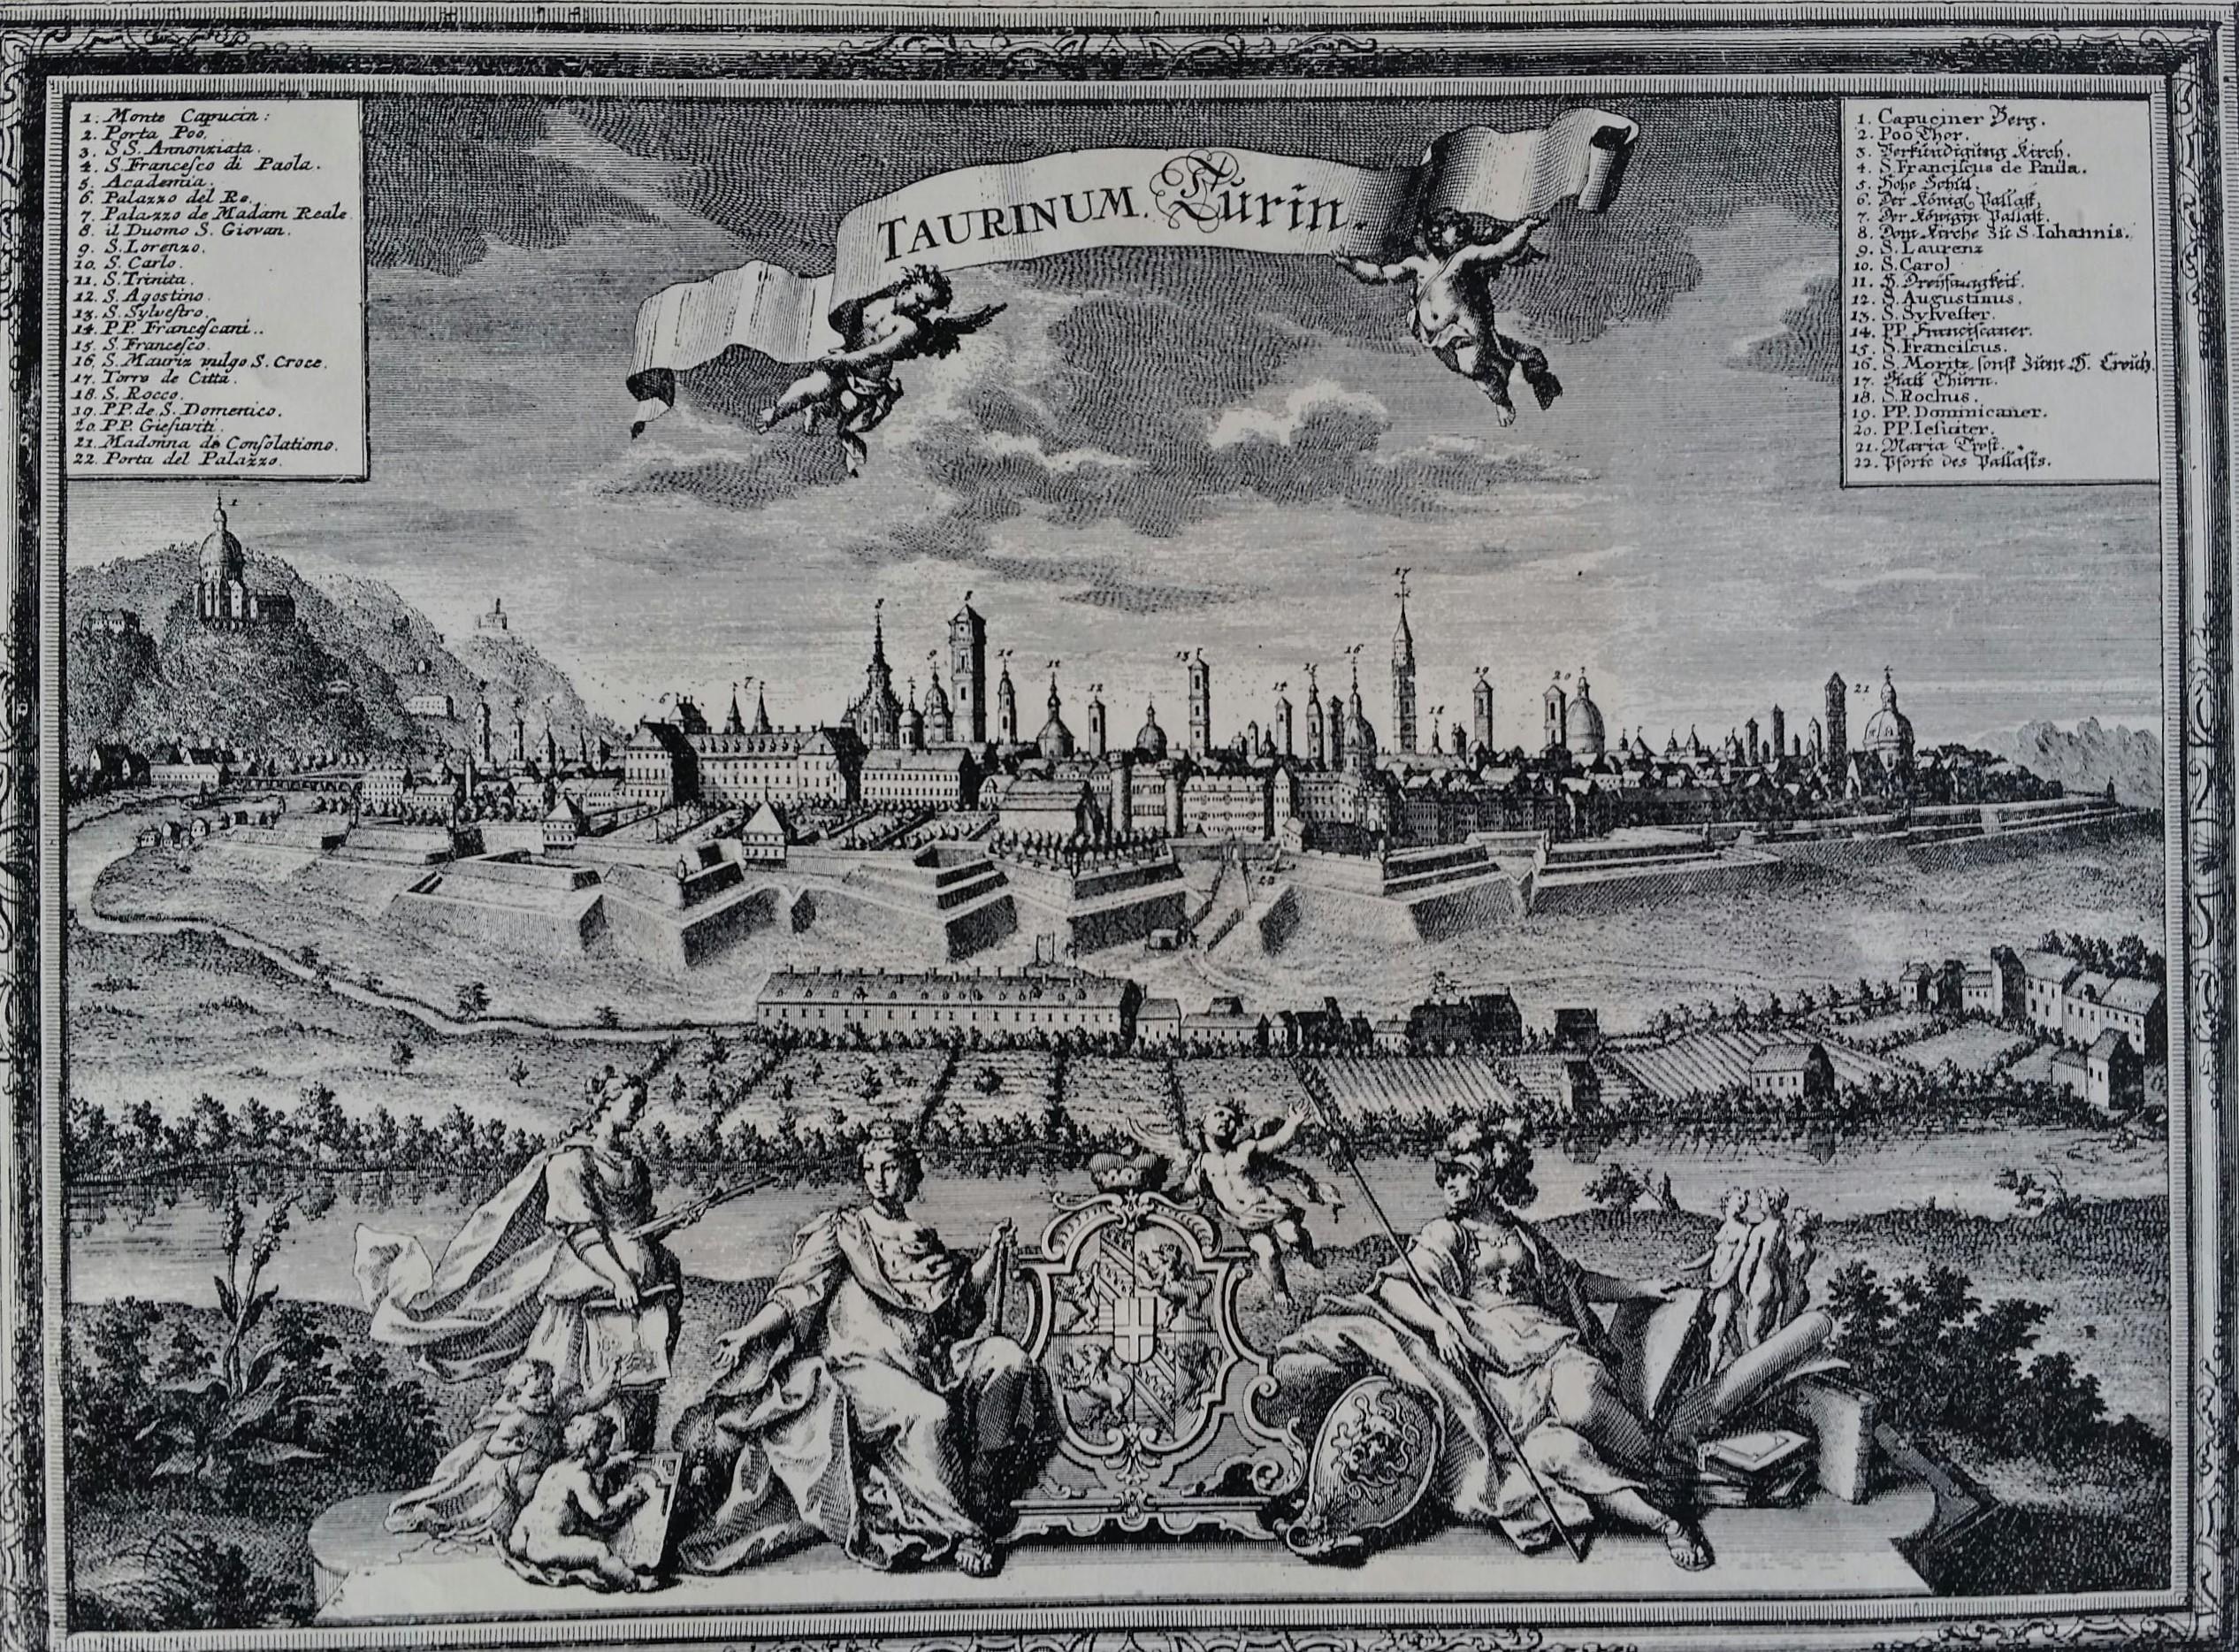 Torino, la capitale sabauda, nel 1718